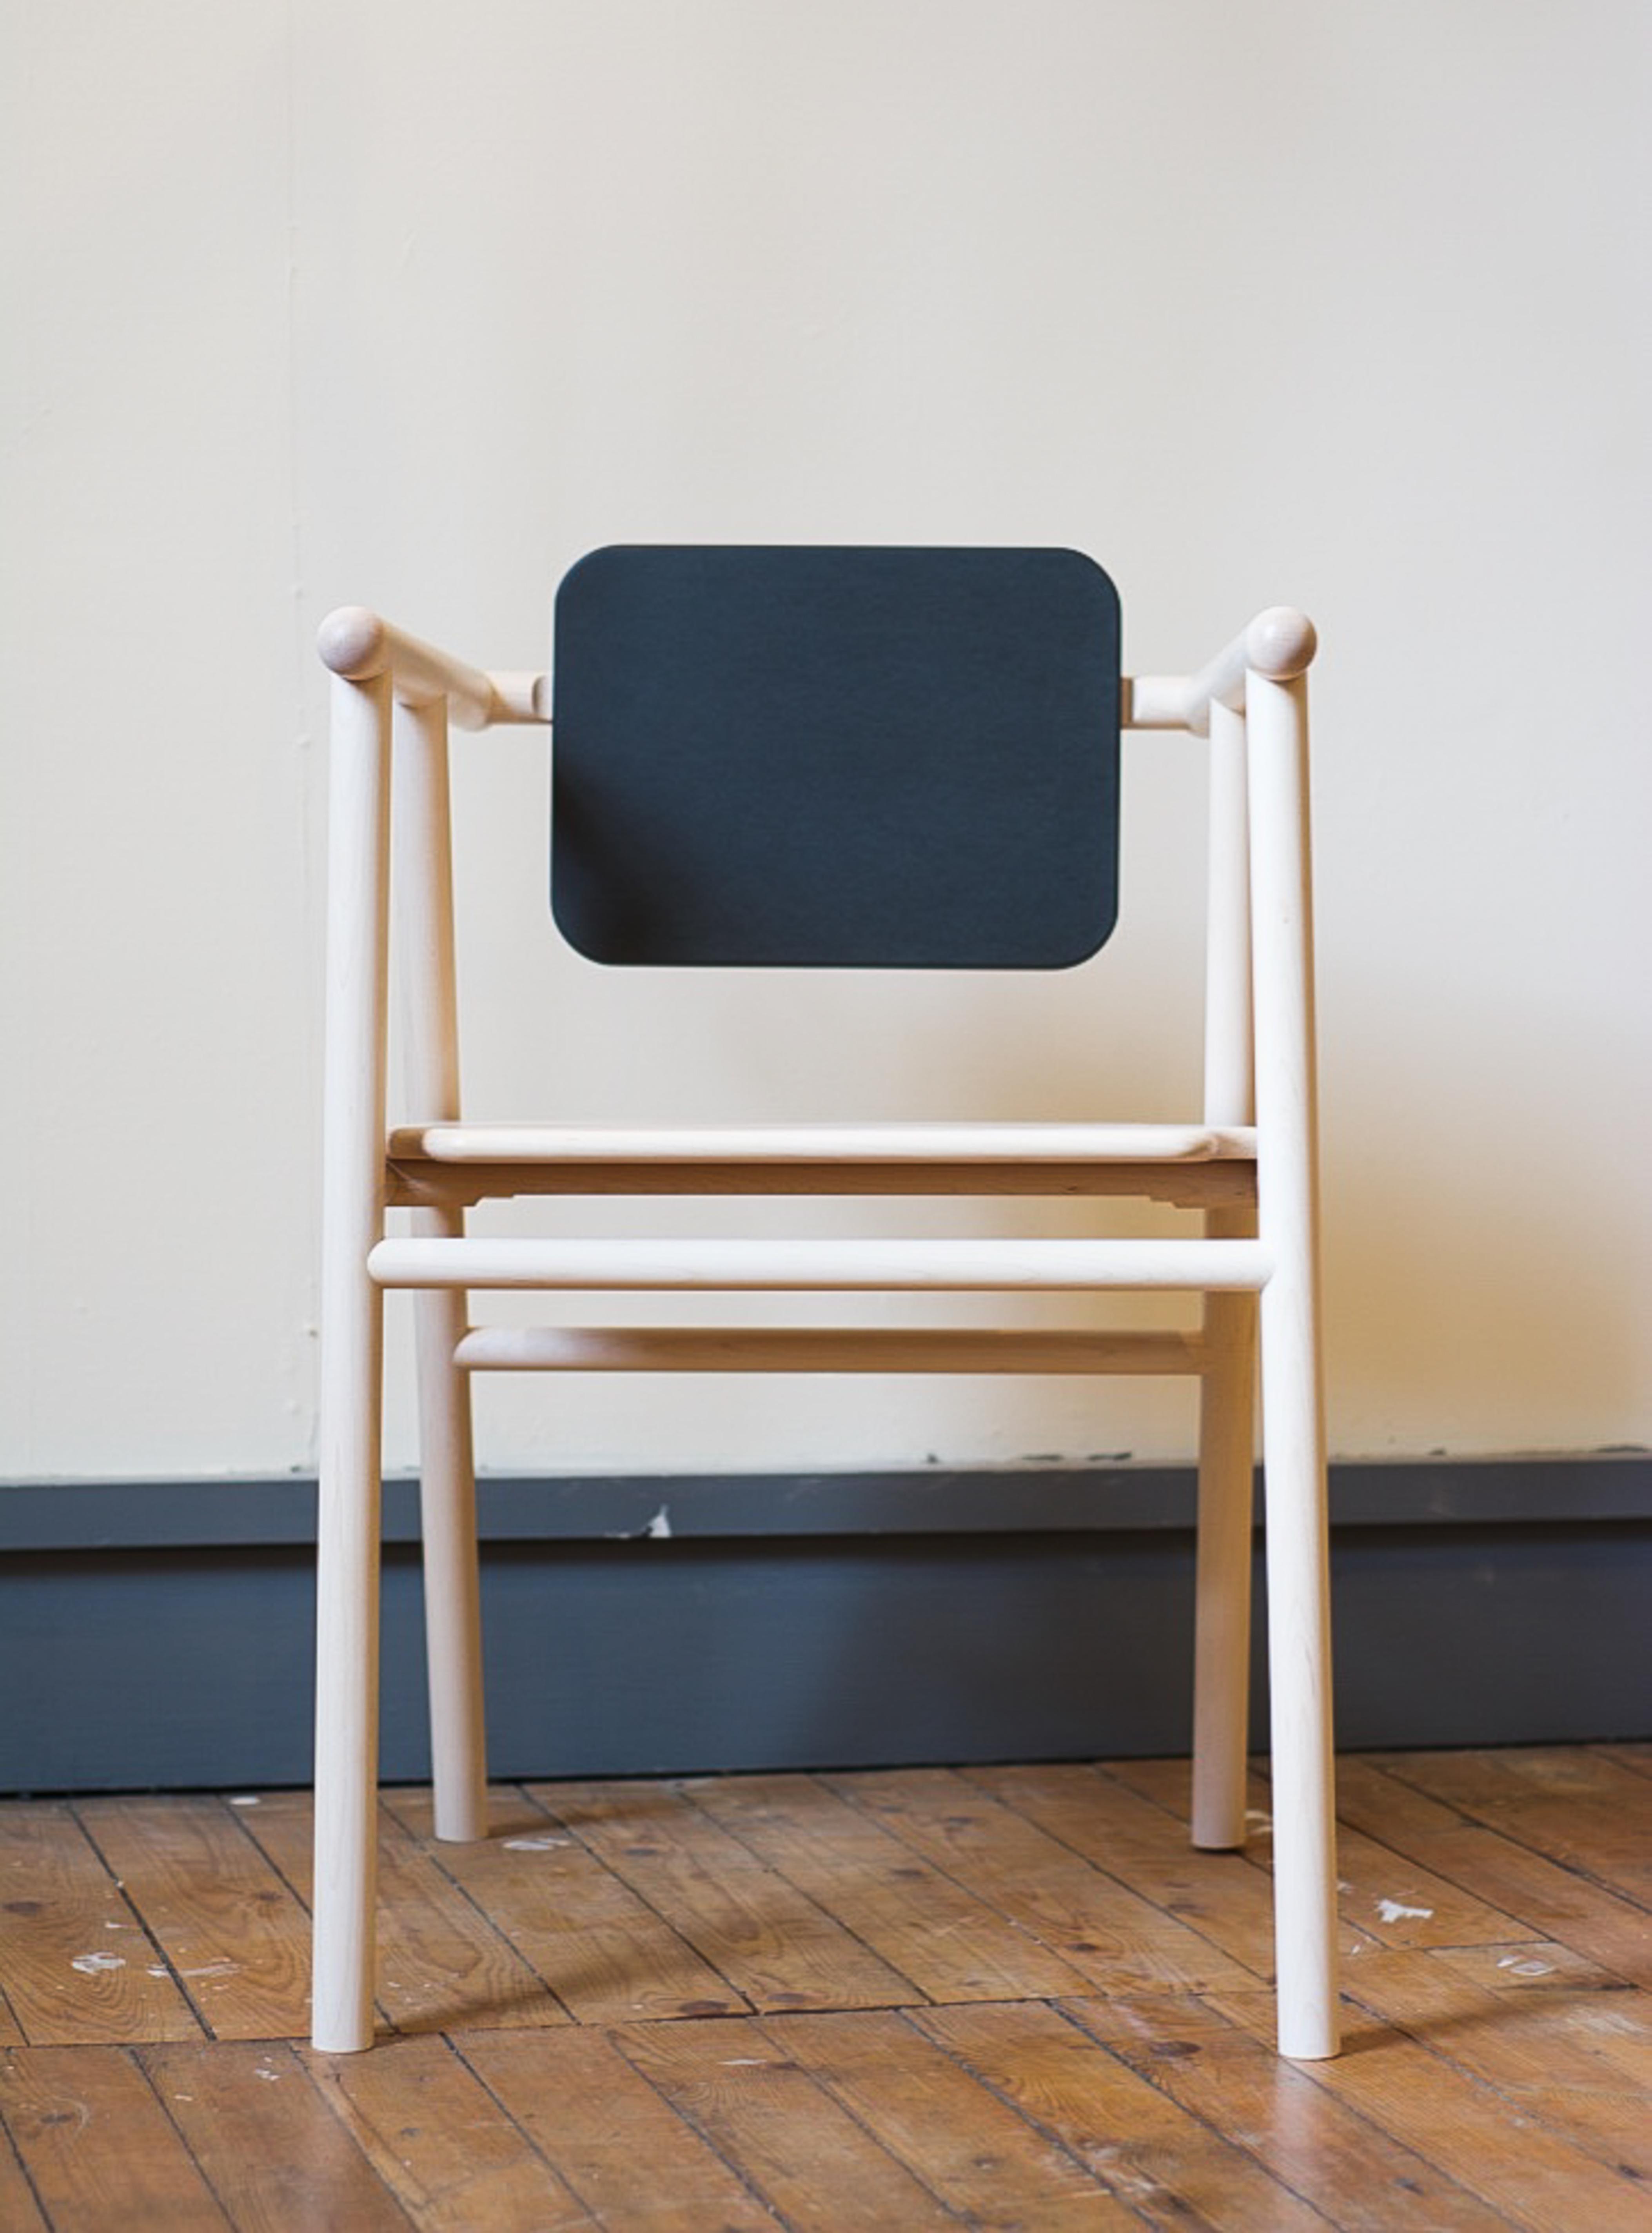 Phloem Chair